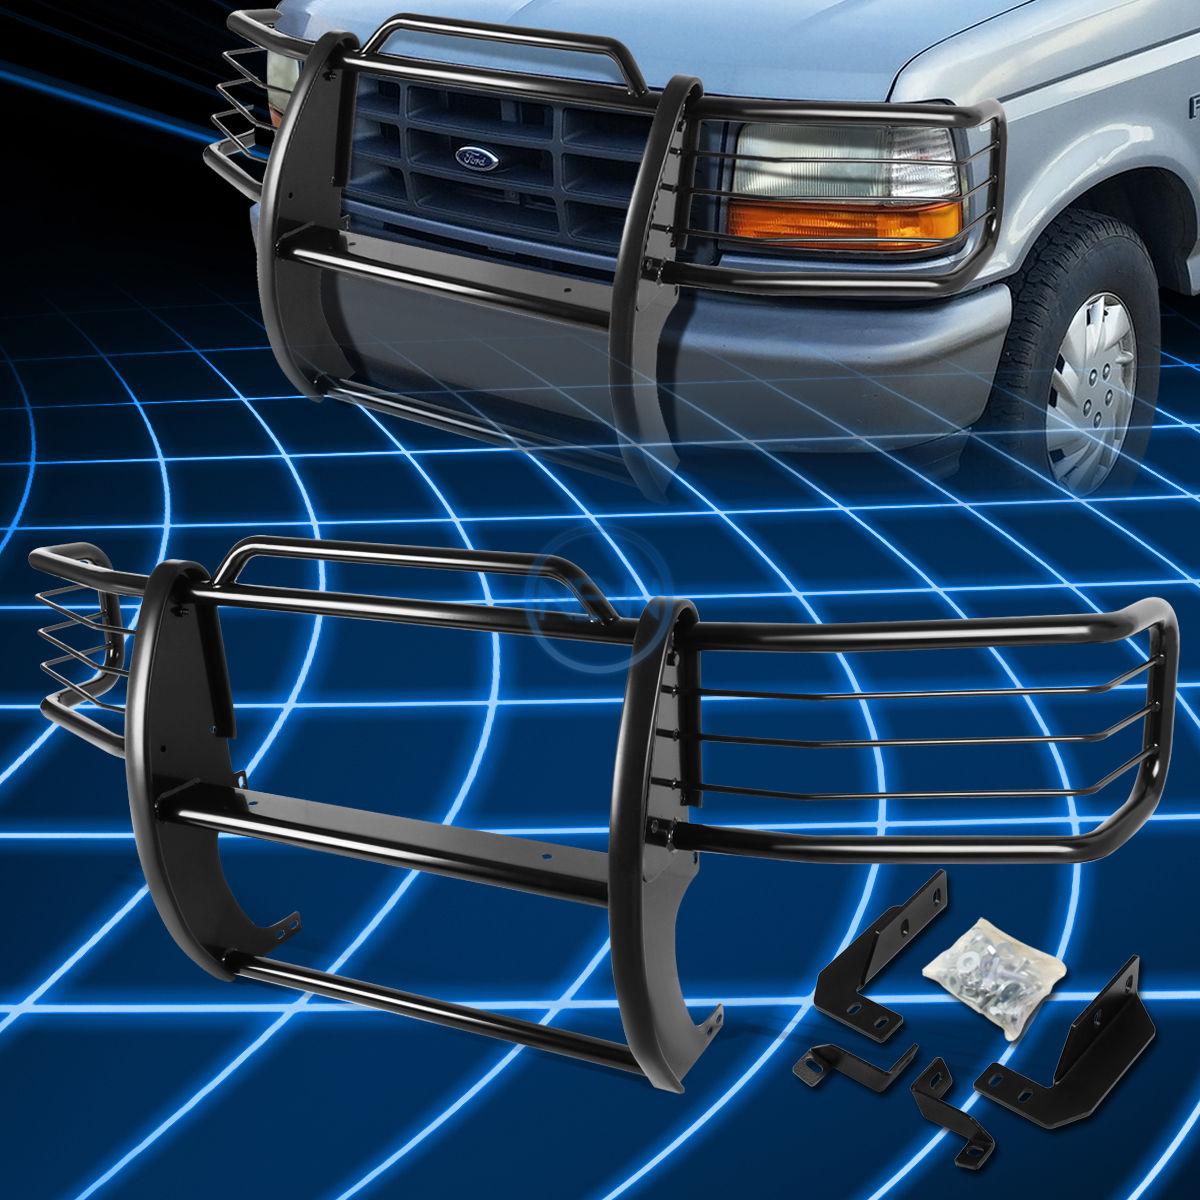 グリル ブラックブラシバンパープロテクターグリルガード1992-1996用フォードF150-F350ピックアップ Black Brush Bumper Protector Grille Guard for 1992-1996 Ford F150-F350 Pickup